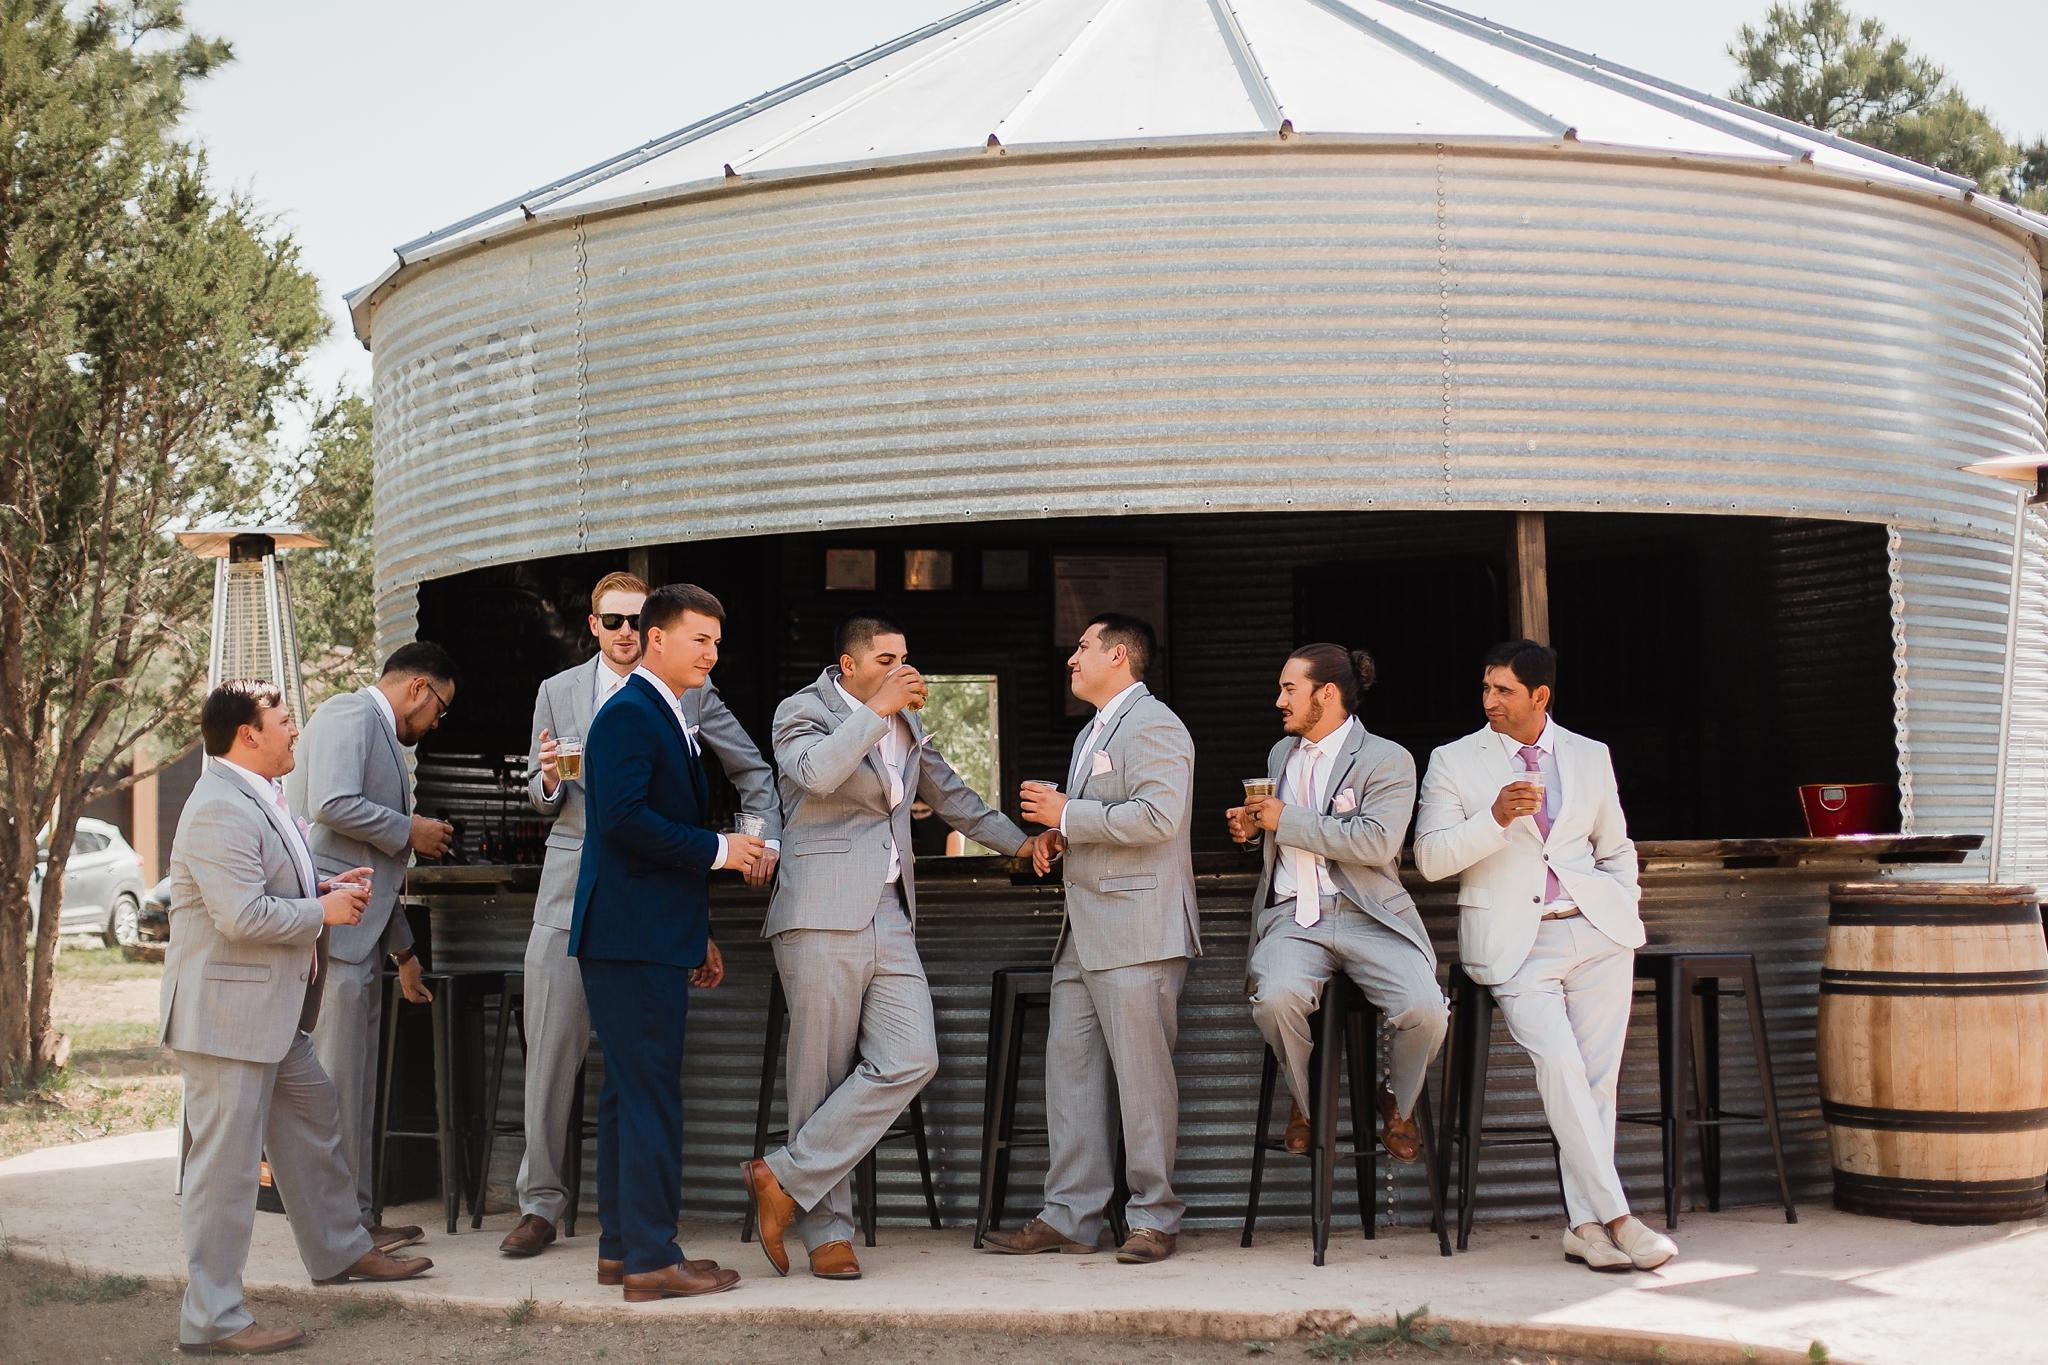 Alicia+lucia+photography+-+albuquerque+wedding+photographer+-+santa+fe+wedding+photography+-+new+mexico+wedding+photographer+-+new+mexico+wedding+-+new+mexico+wedding+-+barn+wedding+-+enchanted+vine+barn+wedding+-+ruidoso+wedding_0053.jpg